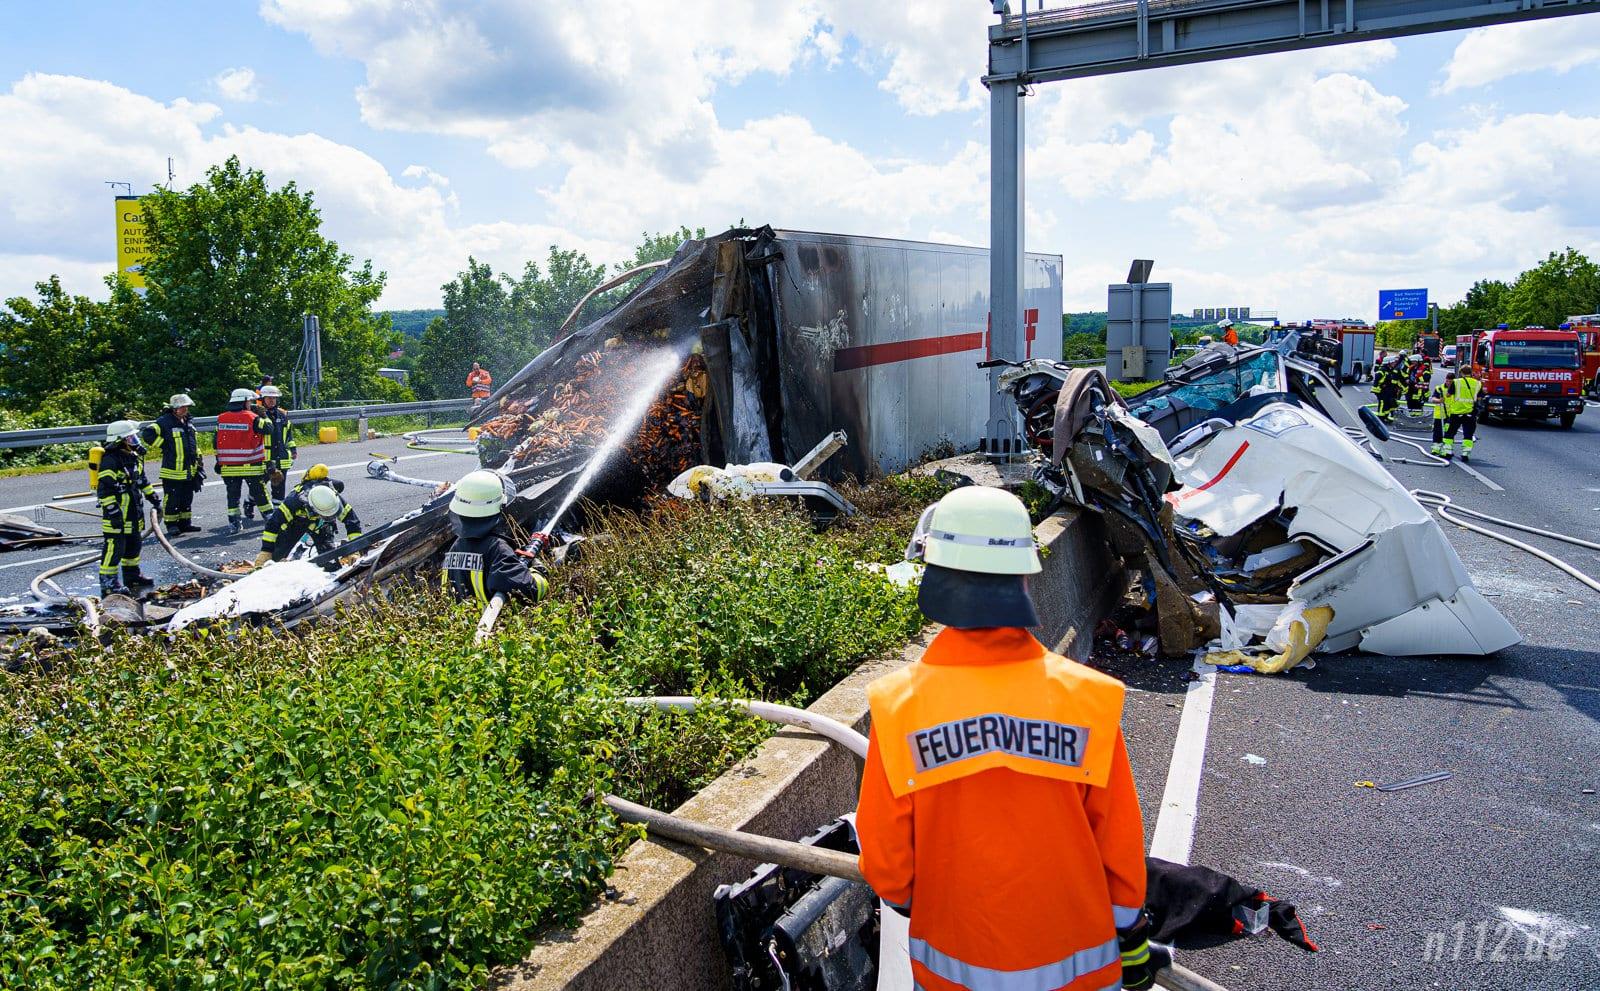 Die Unfallstelle auf der A2: Links steht der Anhänger, rechts auf der Fahrbahn Richtung Dortmund liegt die abgerissene Kabine (Foto: n112.de/Stefan Hillen)